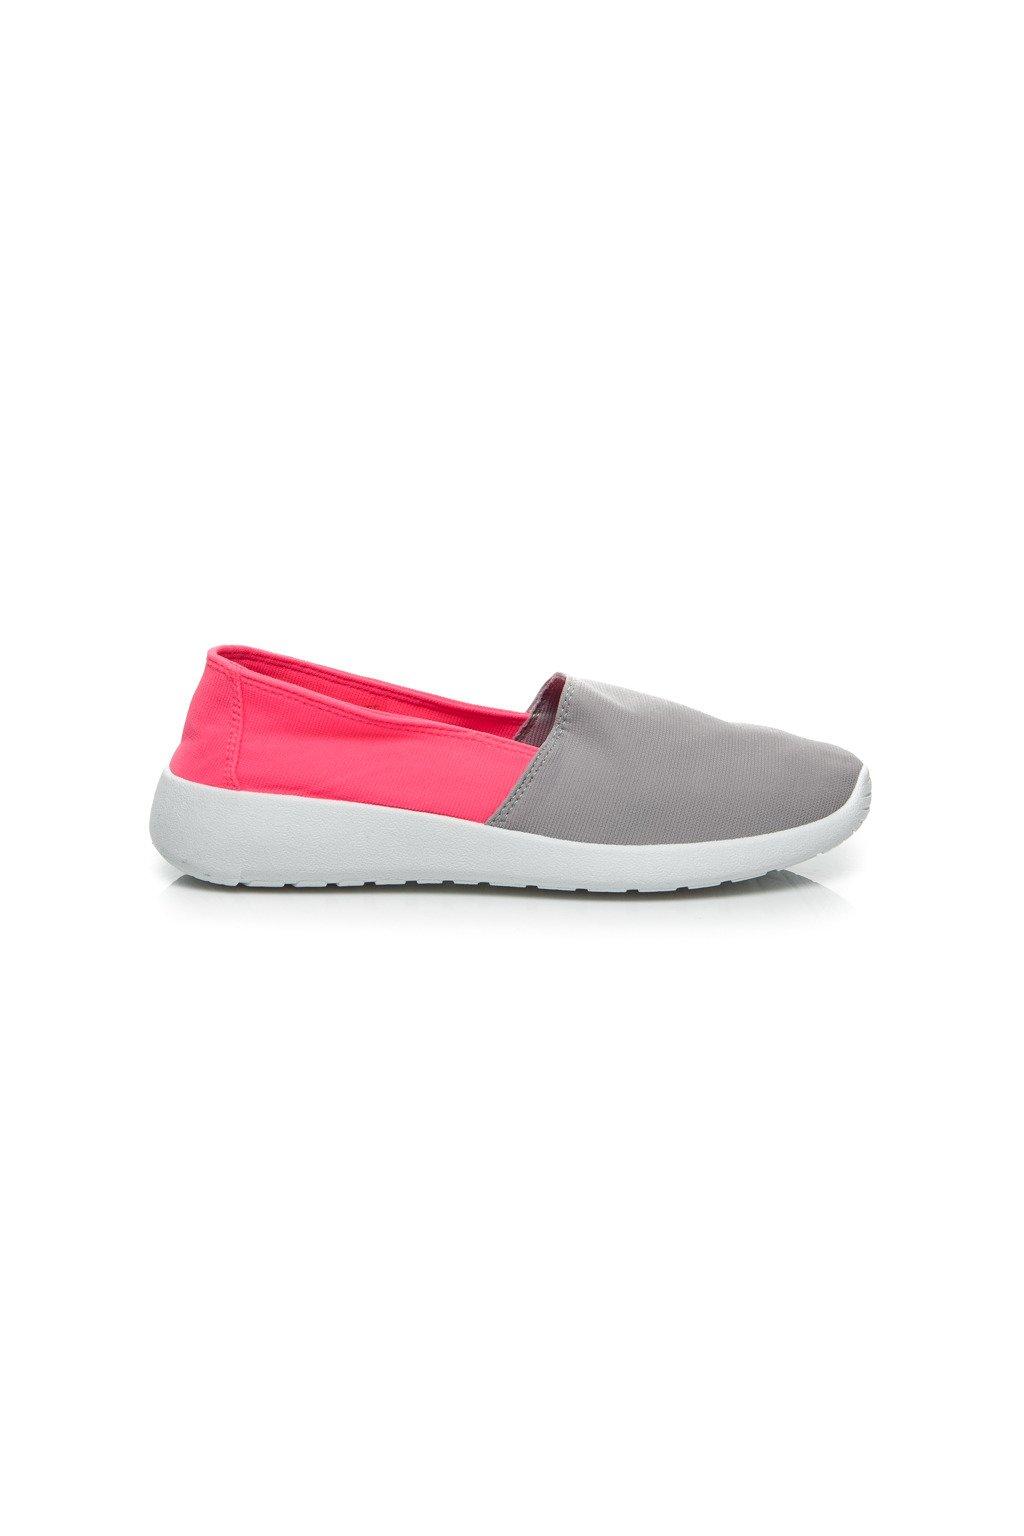 Ružovo-sivé SLIP ON tenisky 7TX-AI85908CO/G veľ.č. 38 (Veľkosť UK7 / EUR 40)